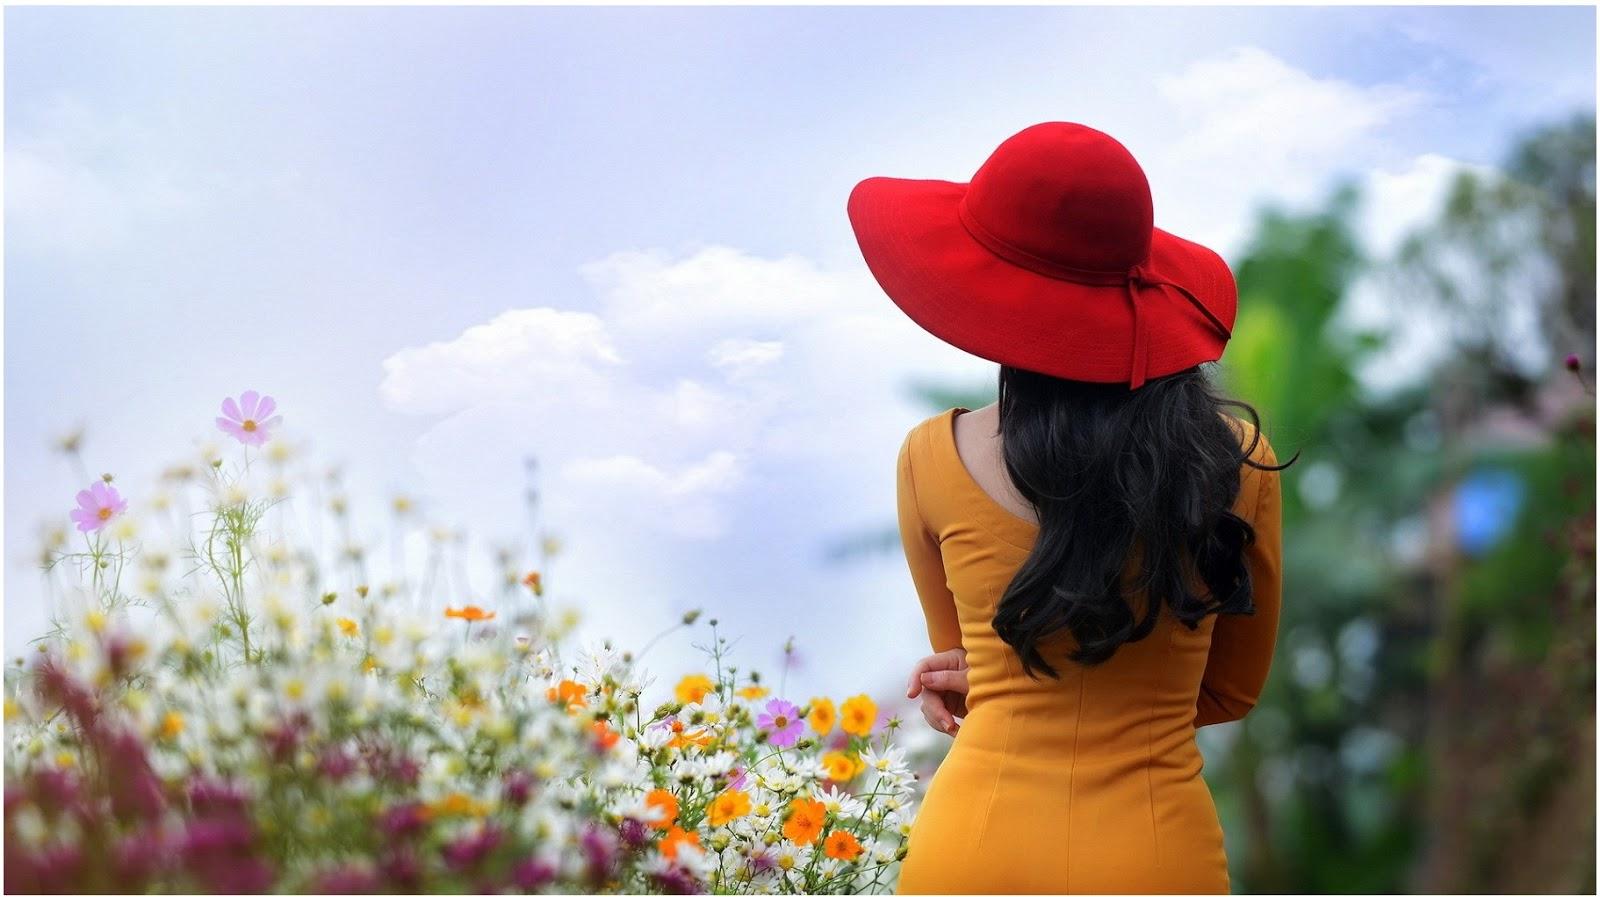 بالصور خلفيات جميله , بالصور اجمل الخلفيات جميله 5939 9